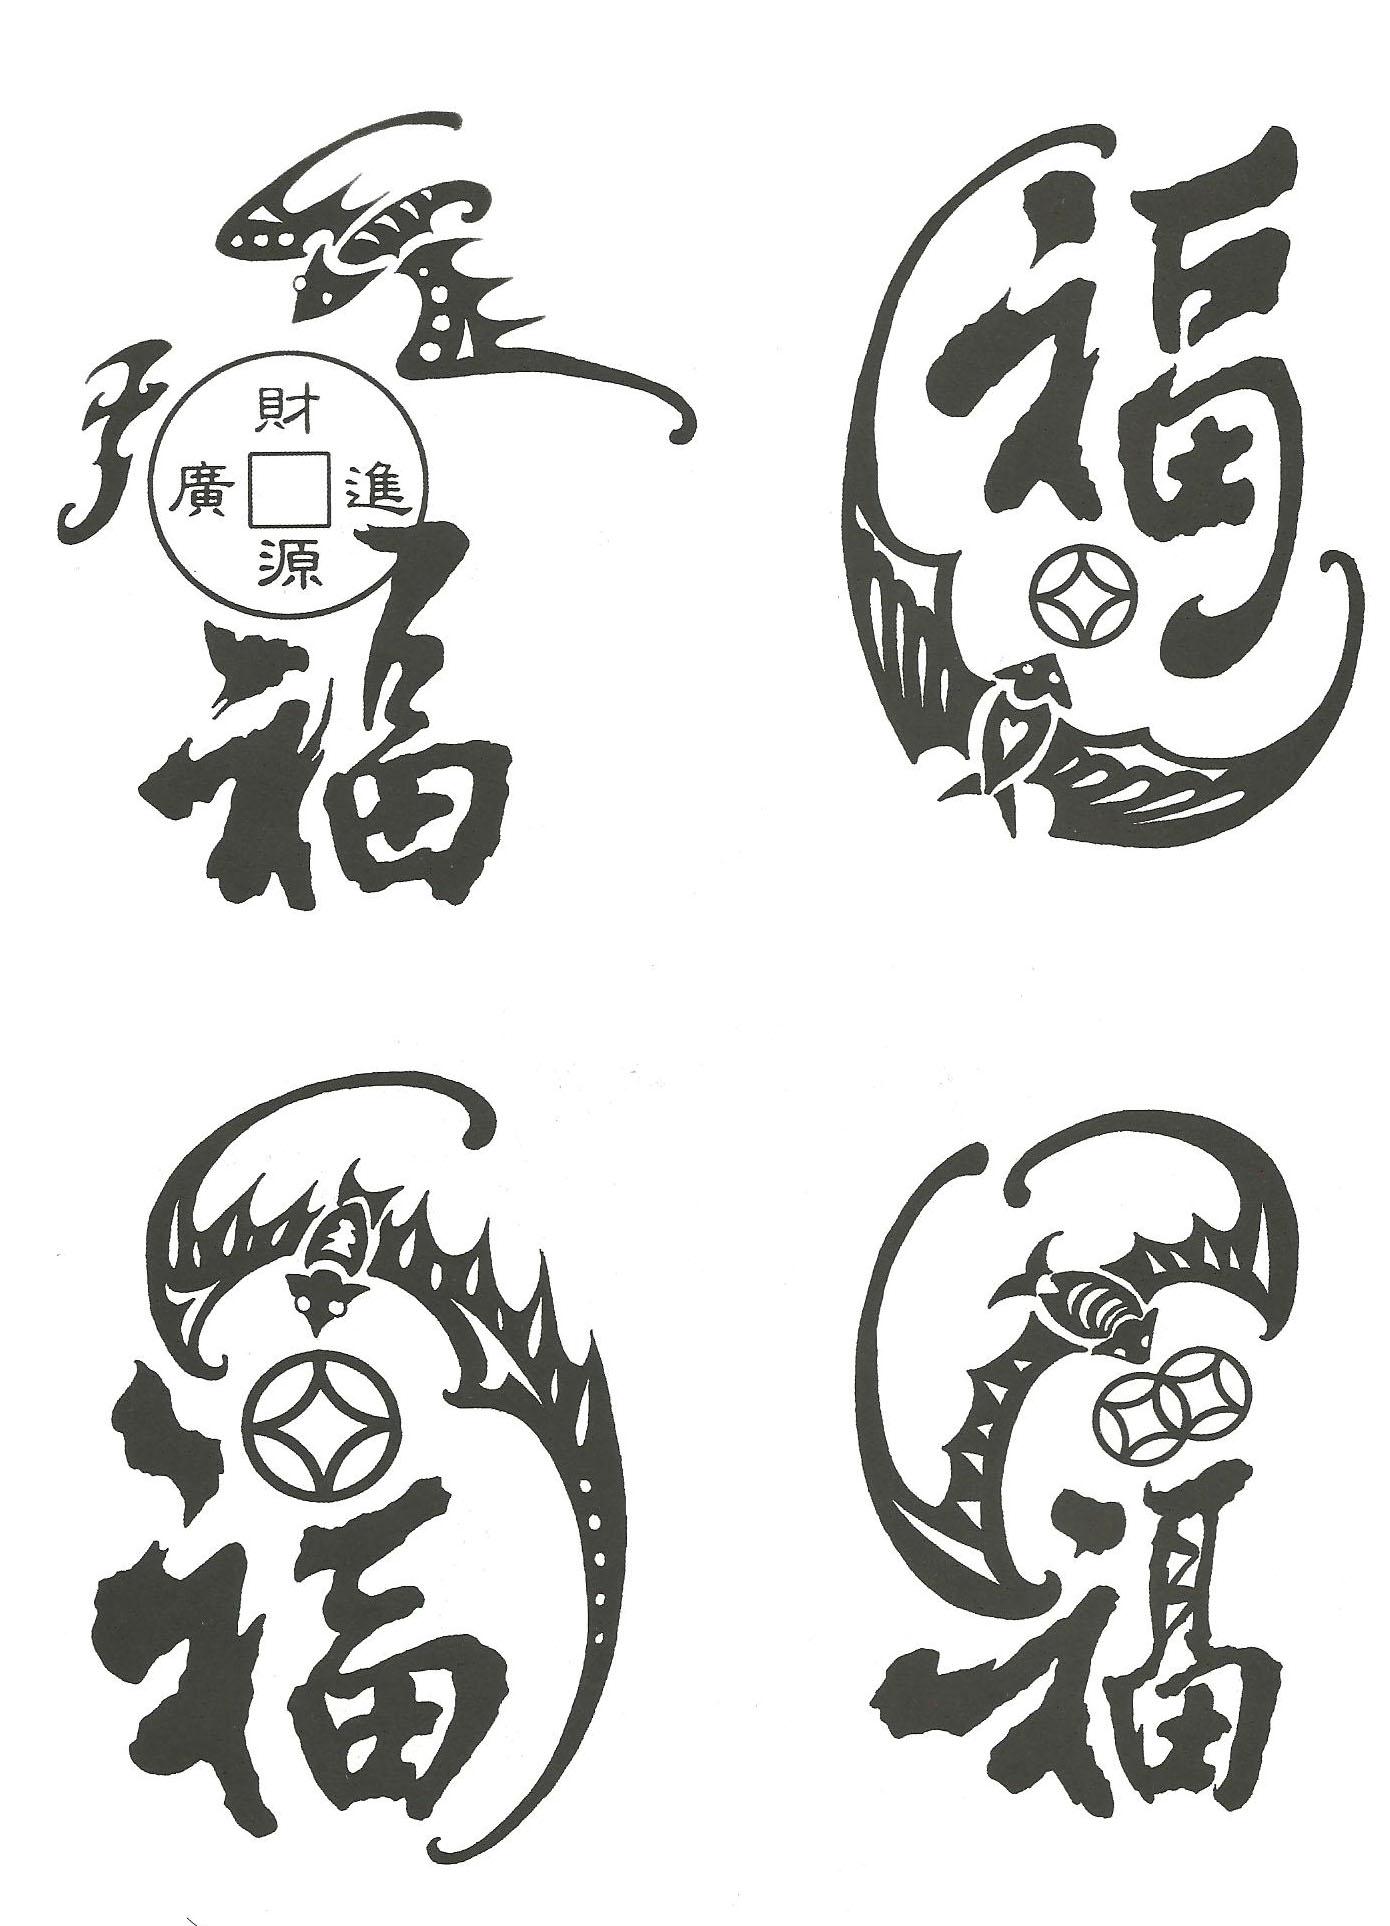 家畜家禽动物设计图__图案纹身景观设计师手绘需要用到吗图片